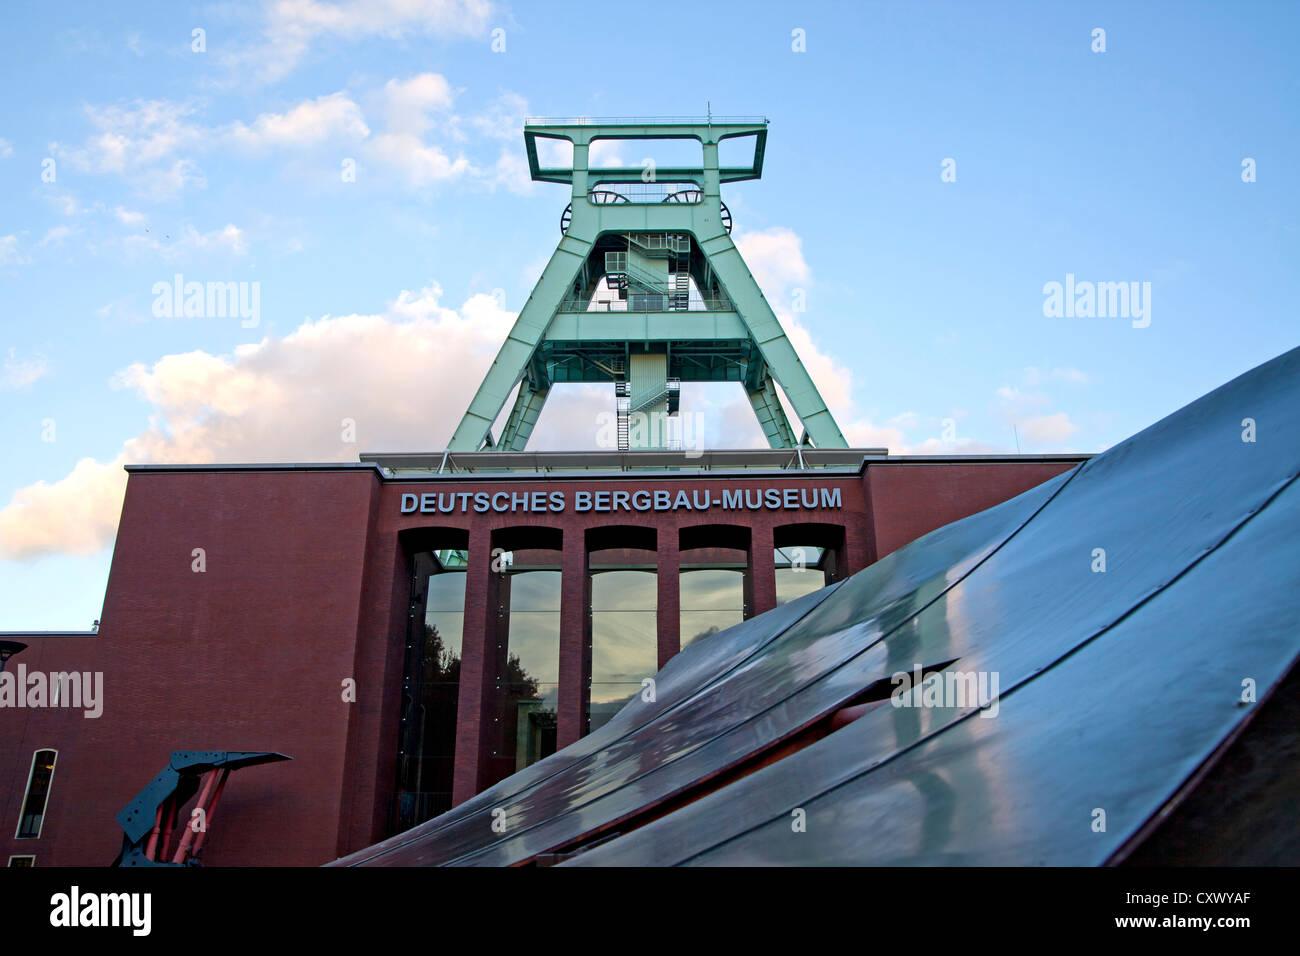 """Das Deutsche Bergbau-Museum """"Deutsche Bergbau-Museum"""" mit Wicklung Turm in Bochum, Nordrhein-Westfalen, Stockbild"""